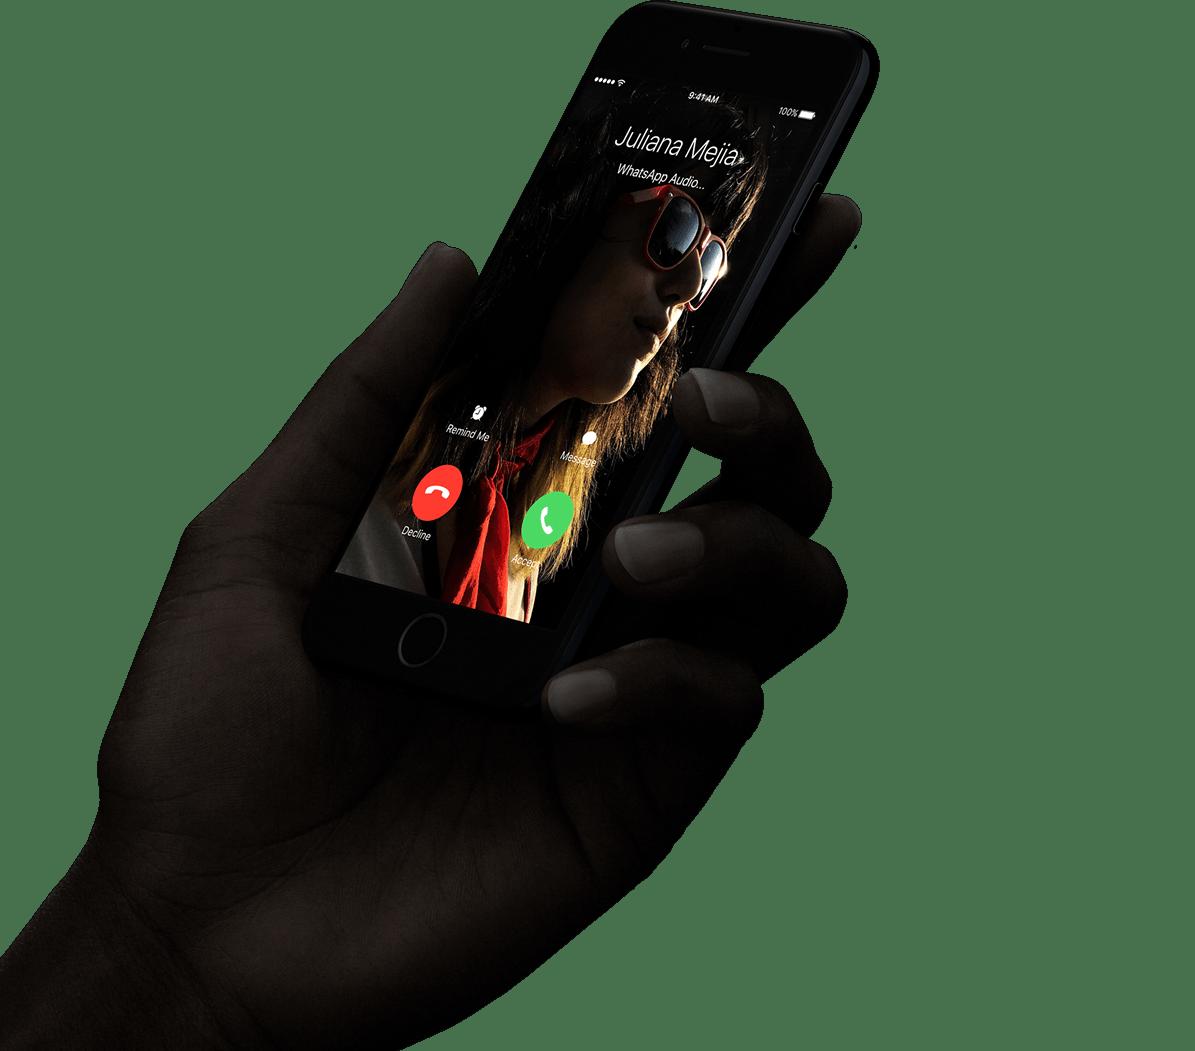 iPhone7 - 4G LTE